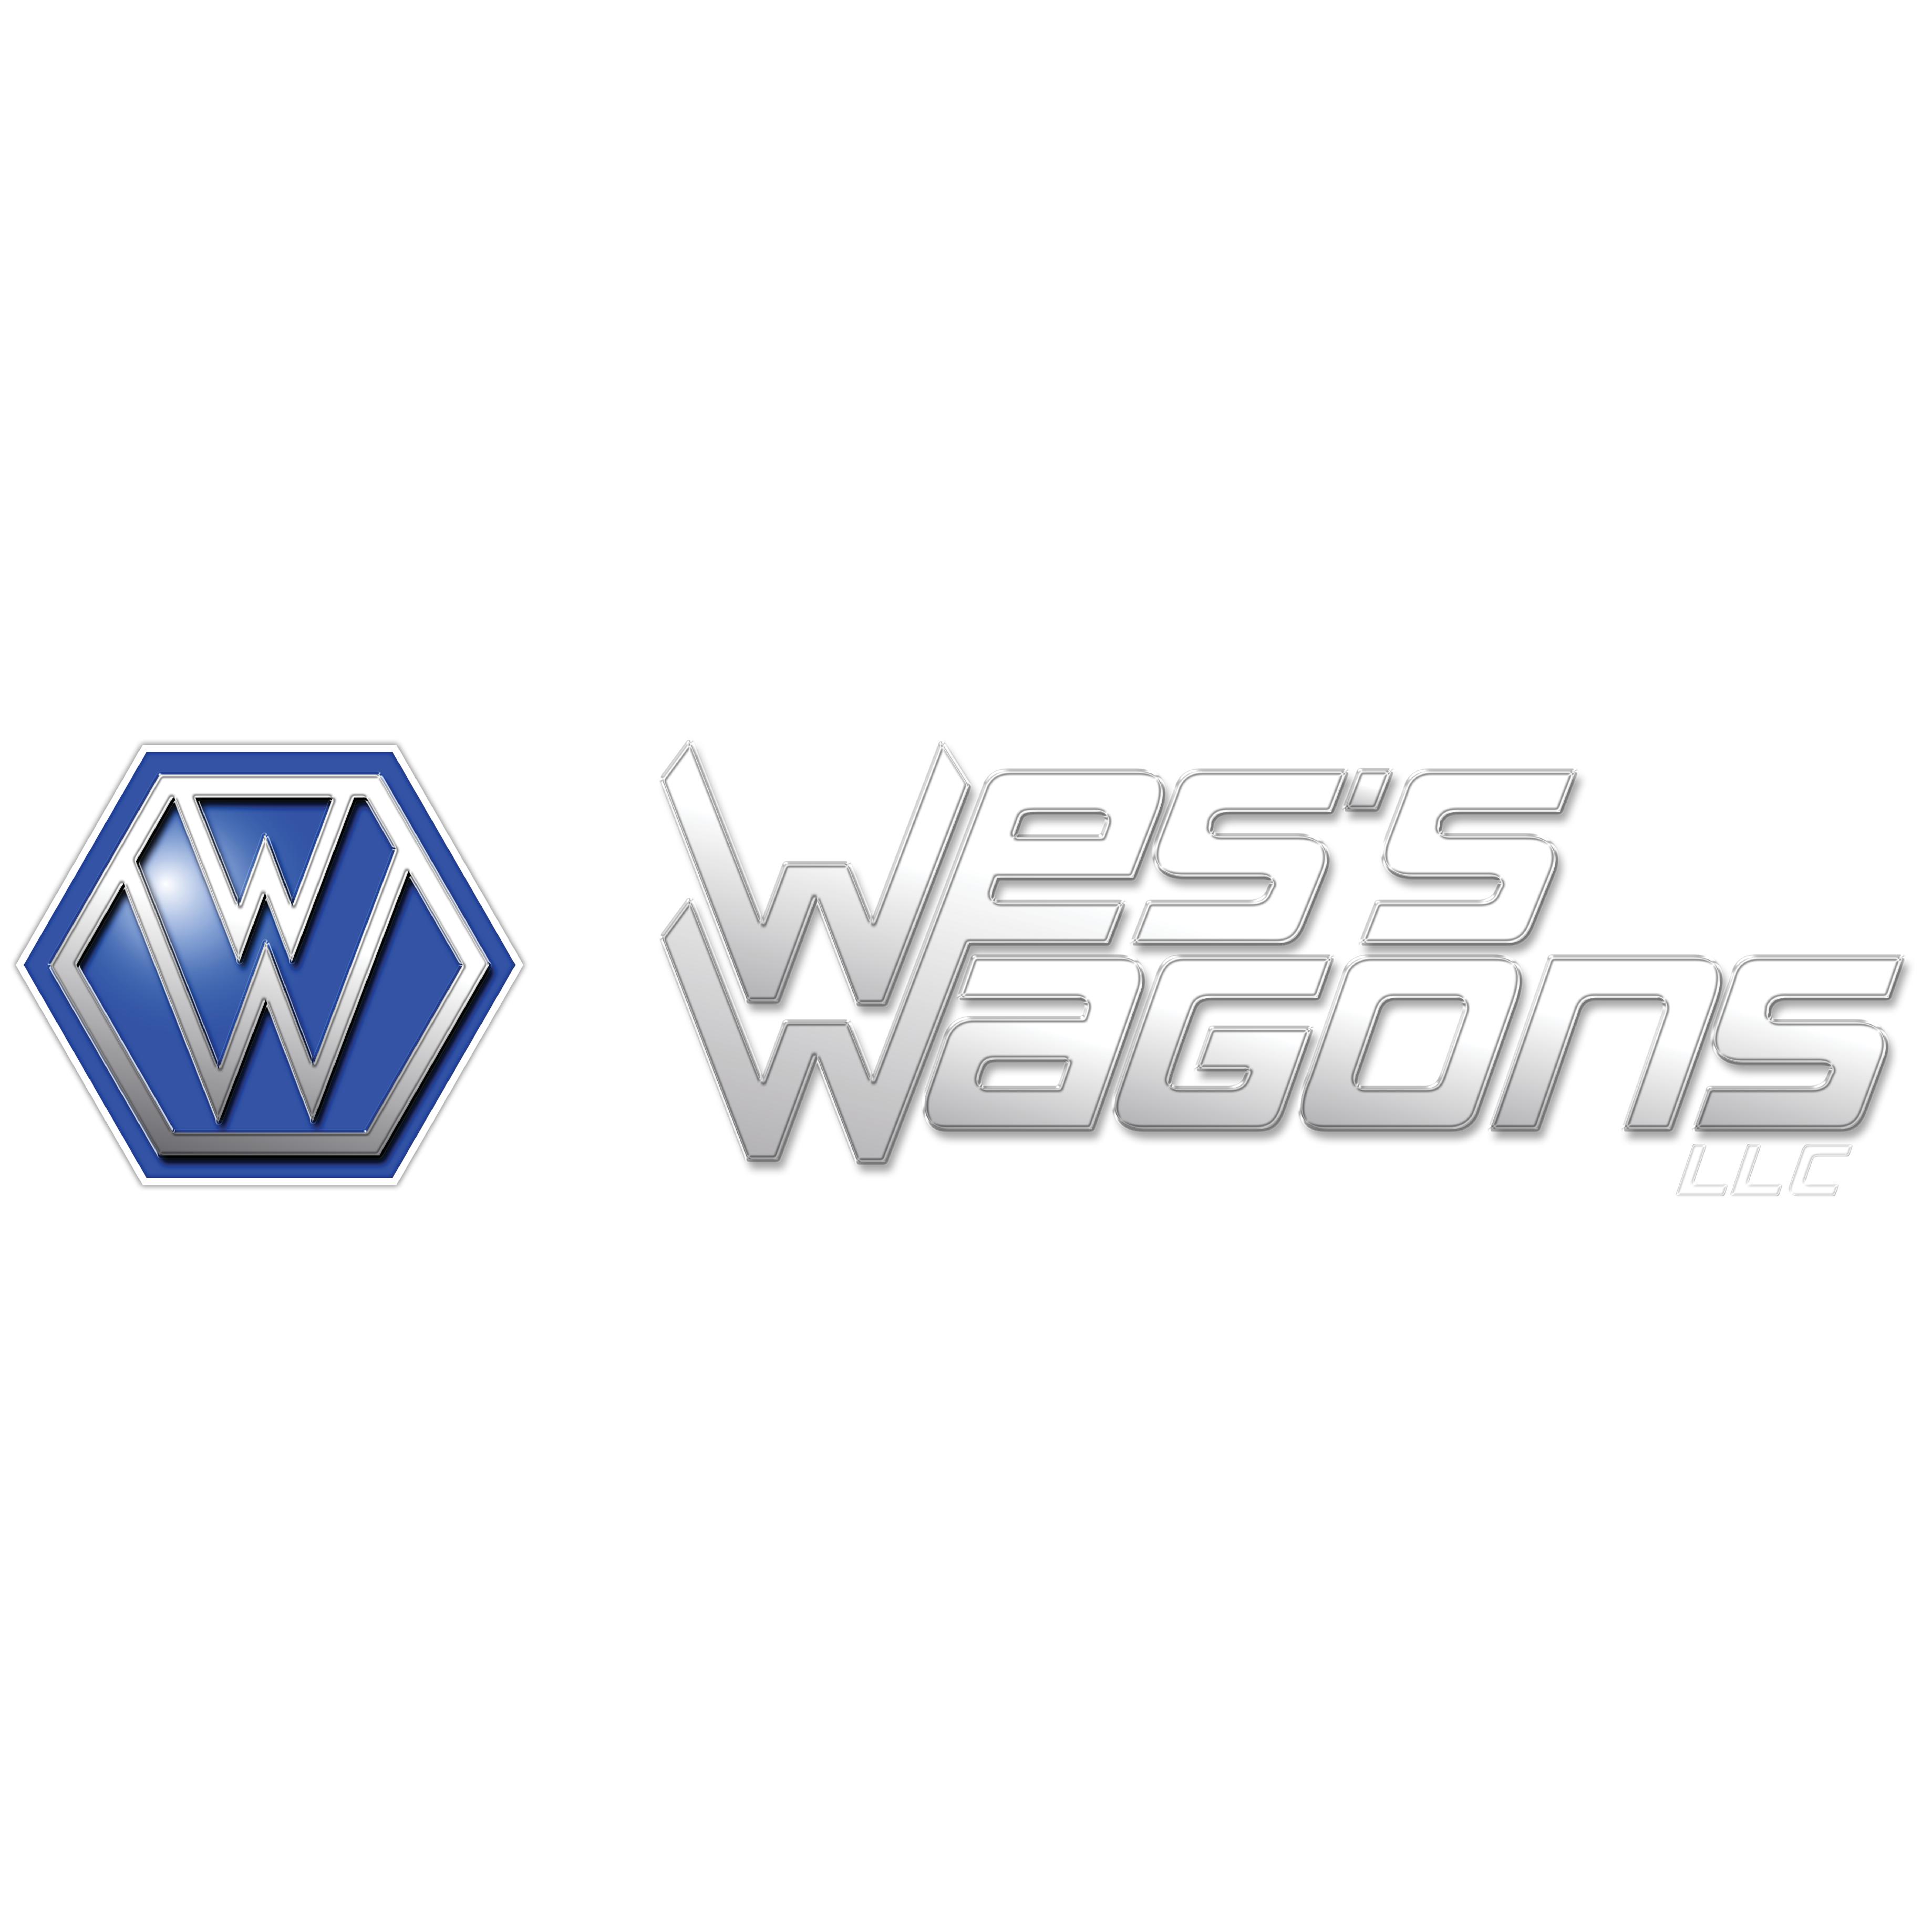 Wes's Wagon LLC